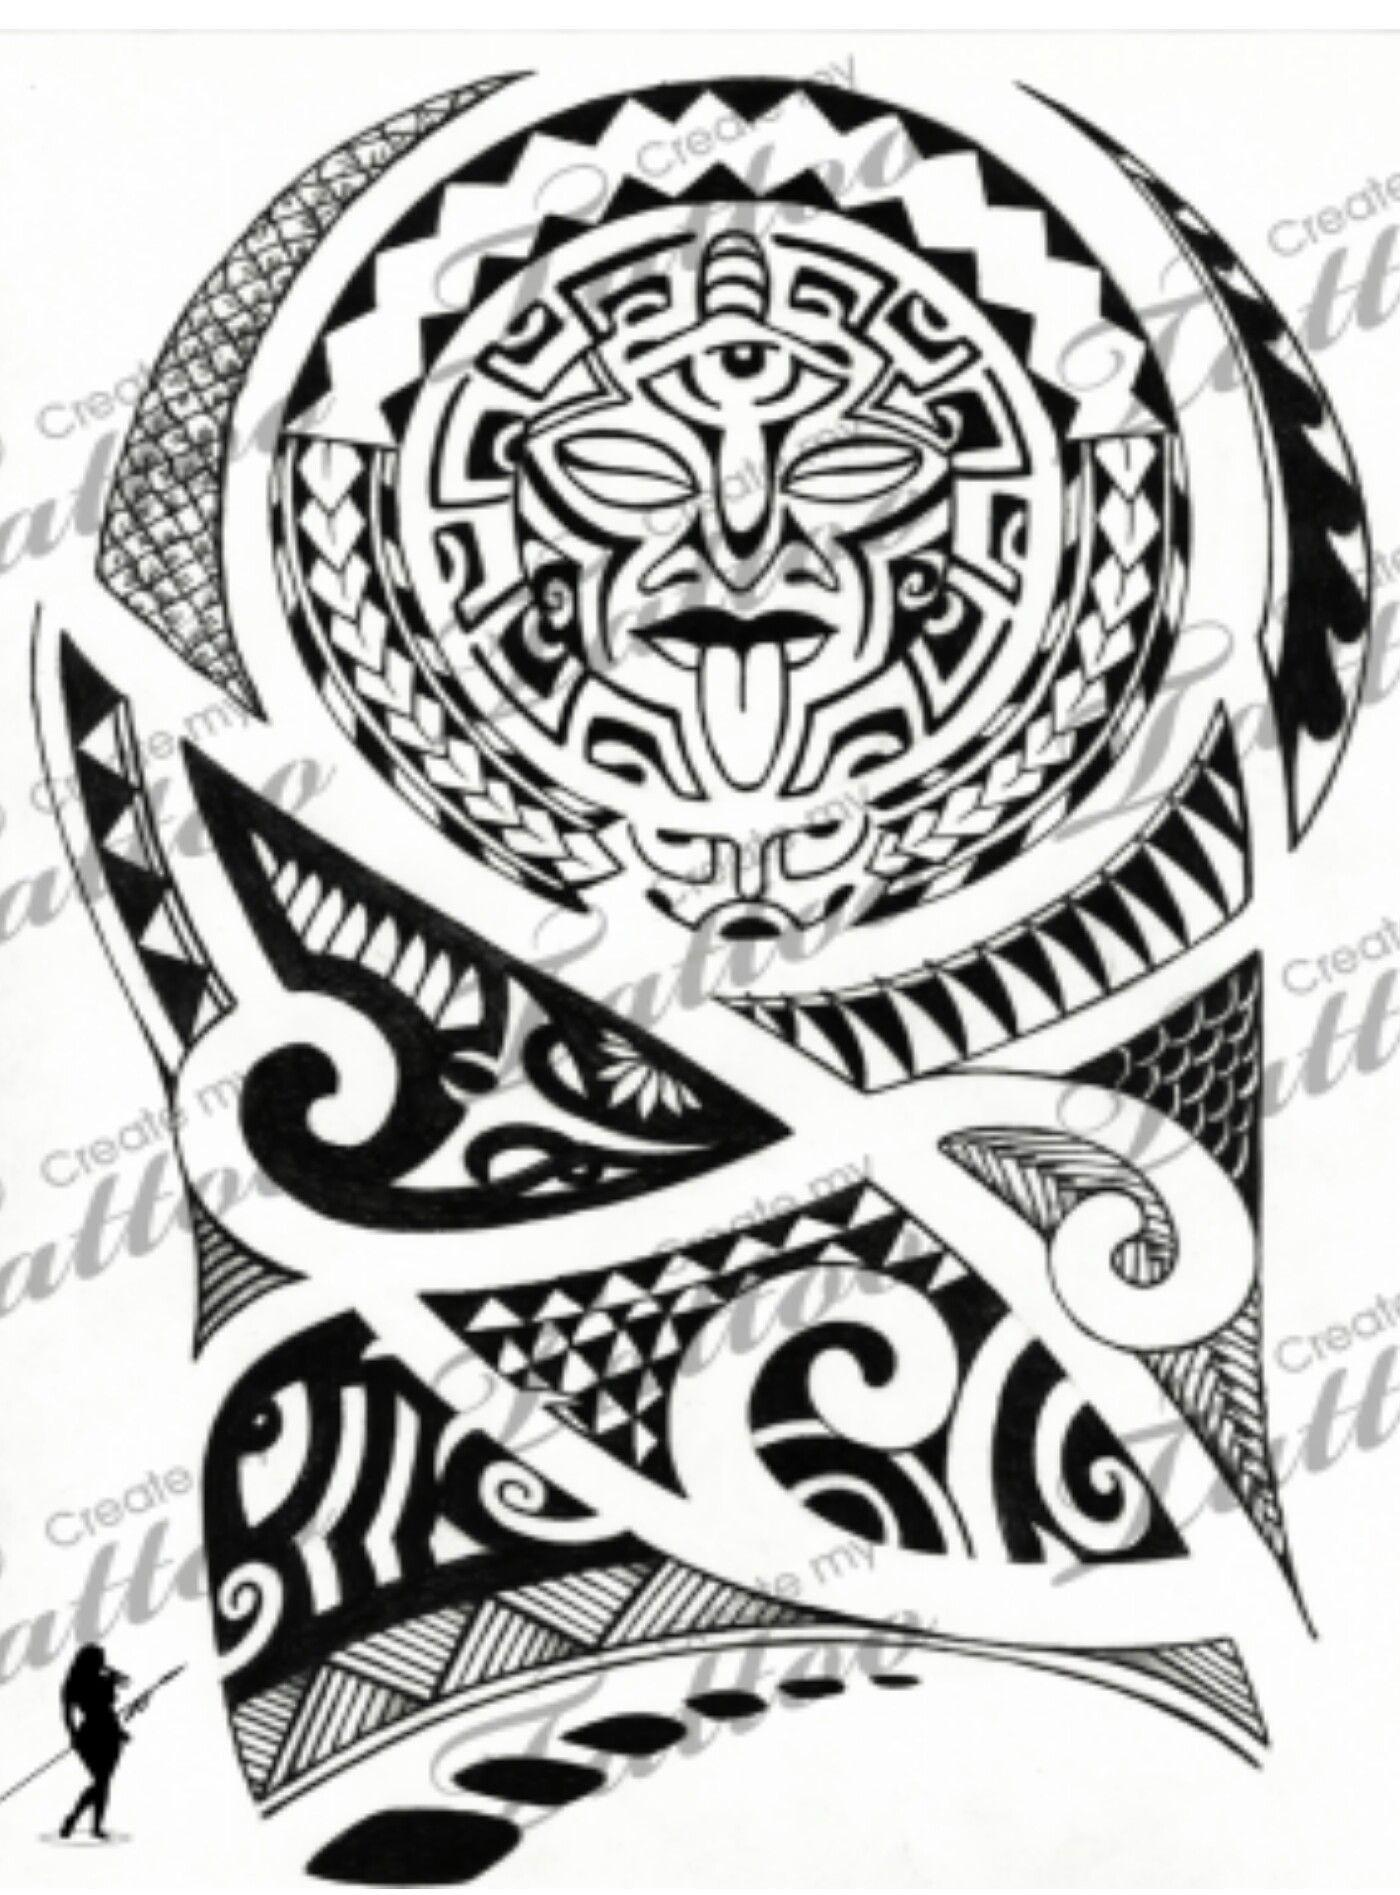 Tattoo Flash Maori: Pin By Beautiful Tattoos And More On Polynesian Tattoos